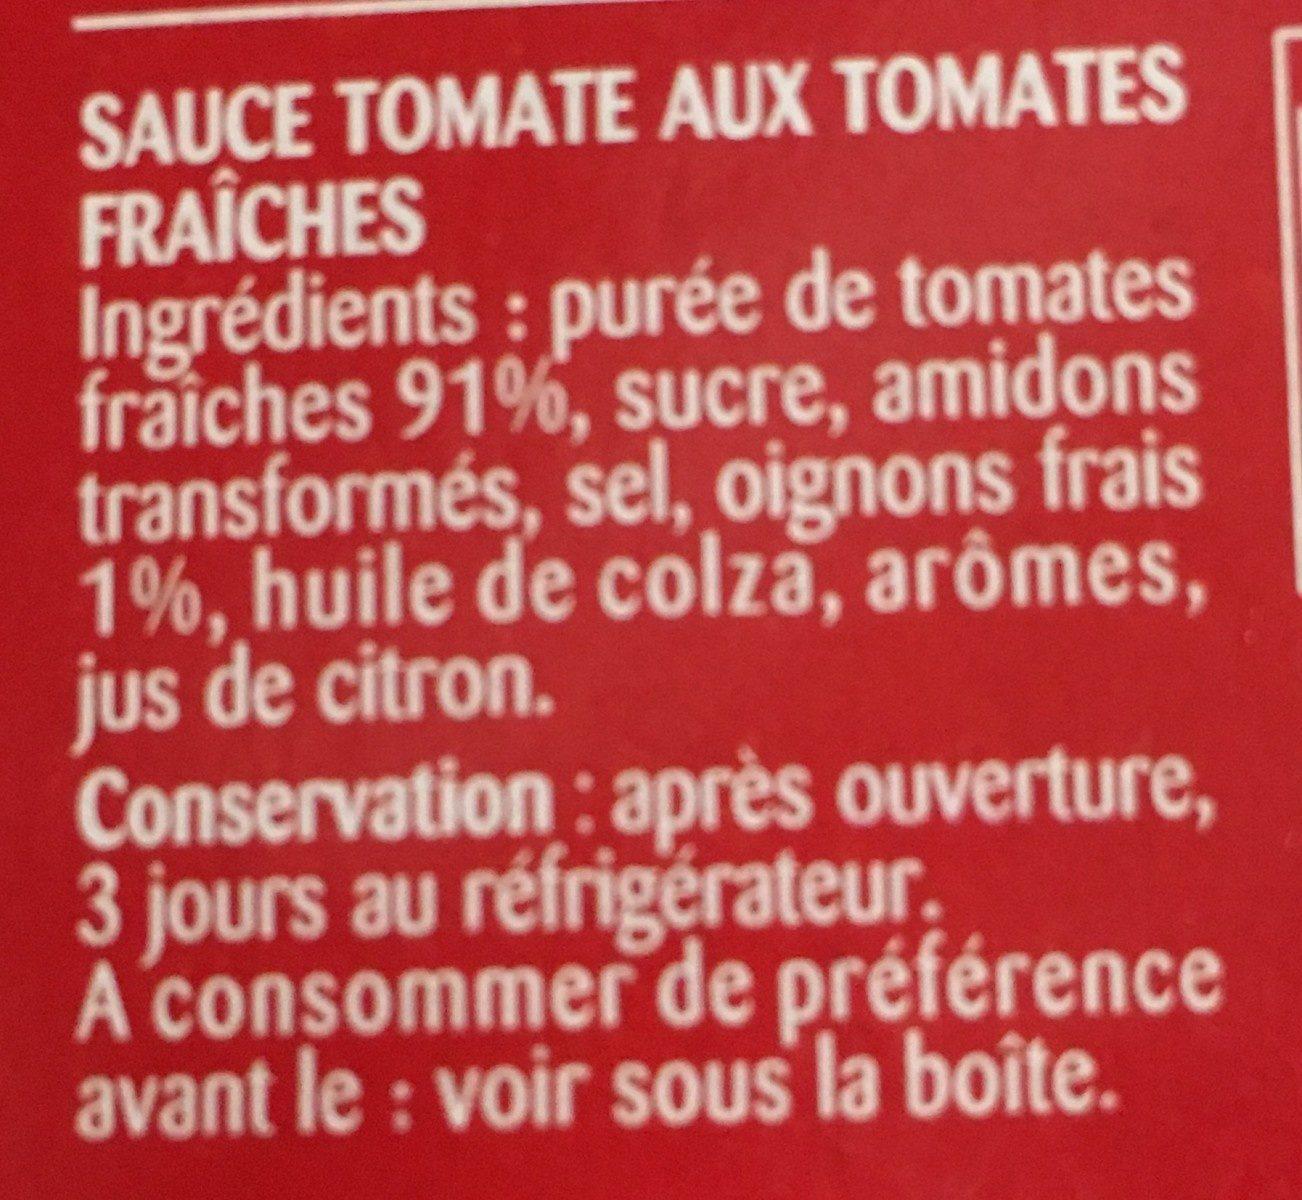 Sauce aux tomates fraiches - Ingrédients